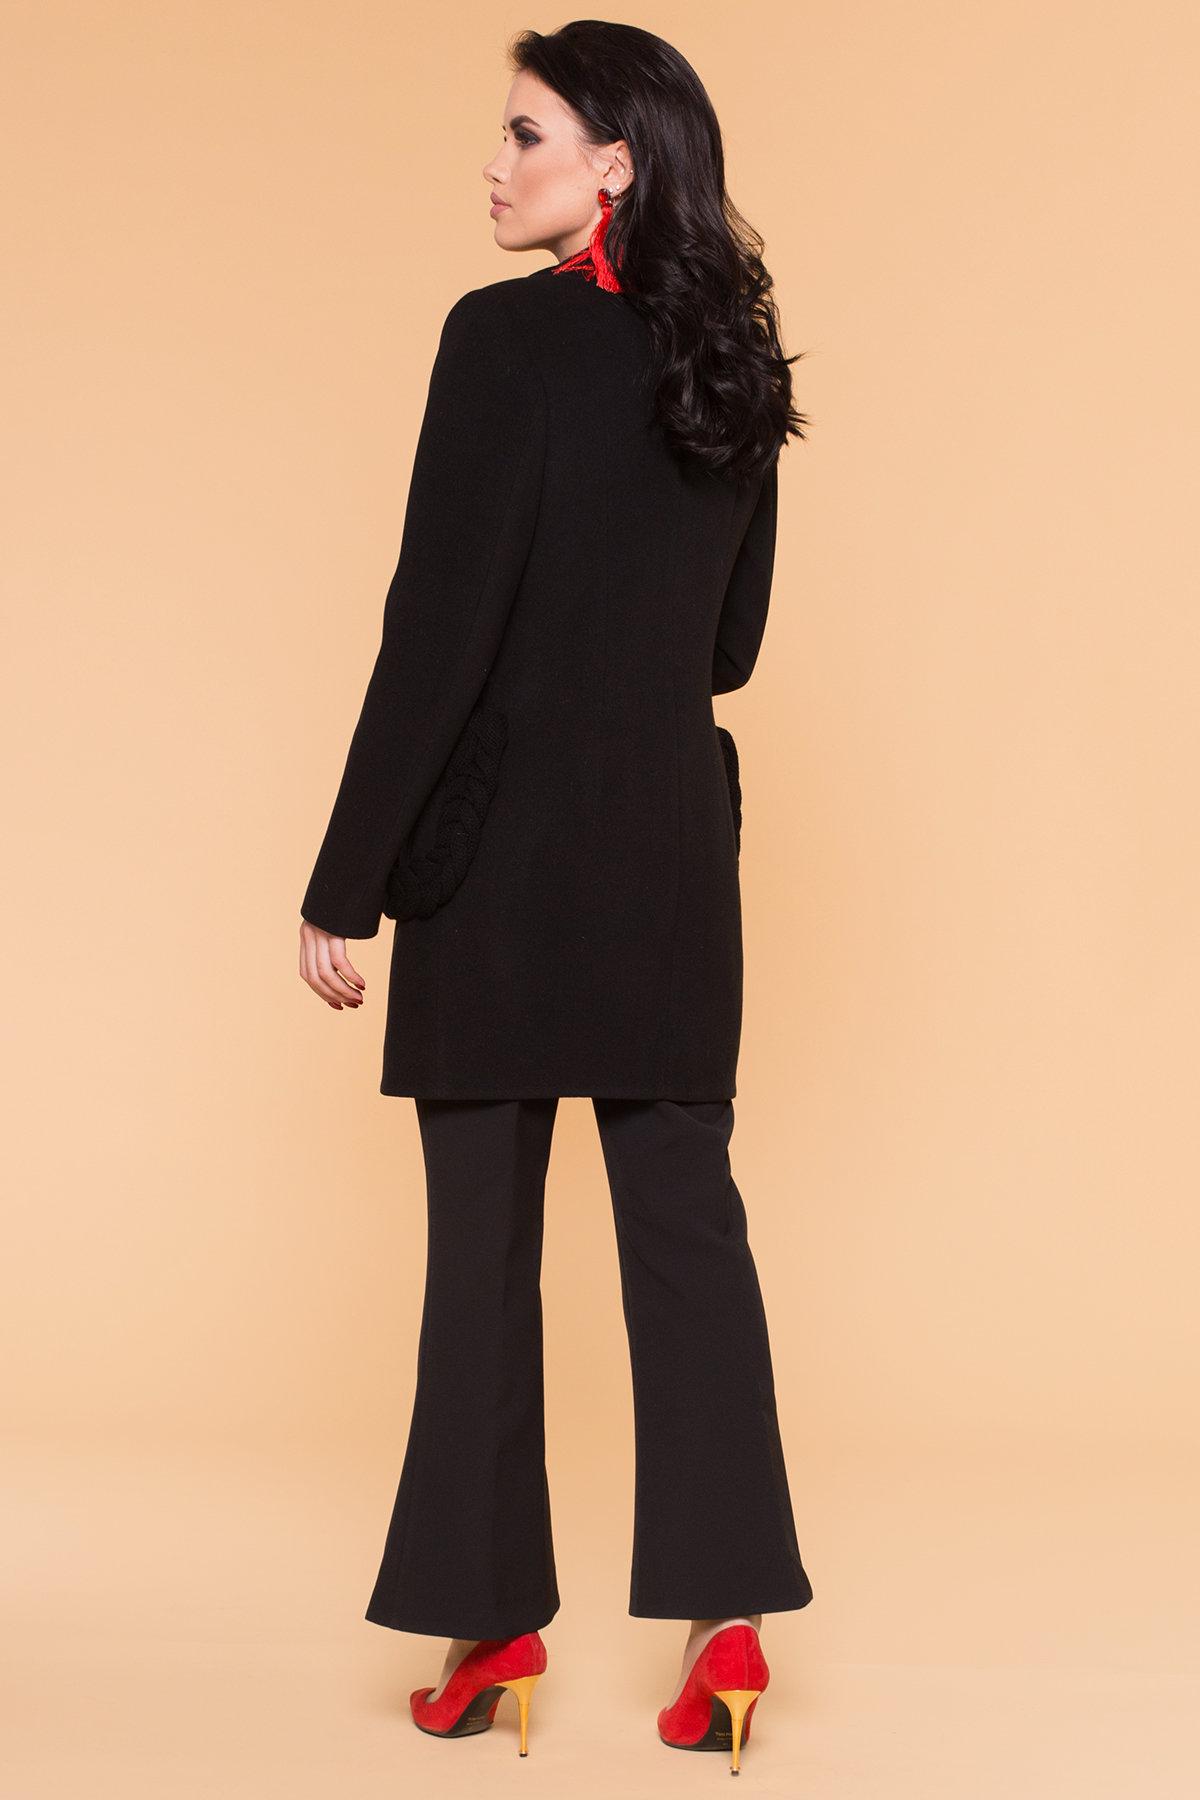 Пальто Женева 1325 АРТ. 9127 Цвет: Черный - фото 2, интернет магазин tm-modus.ru